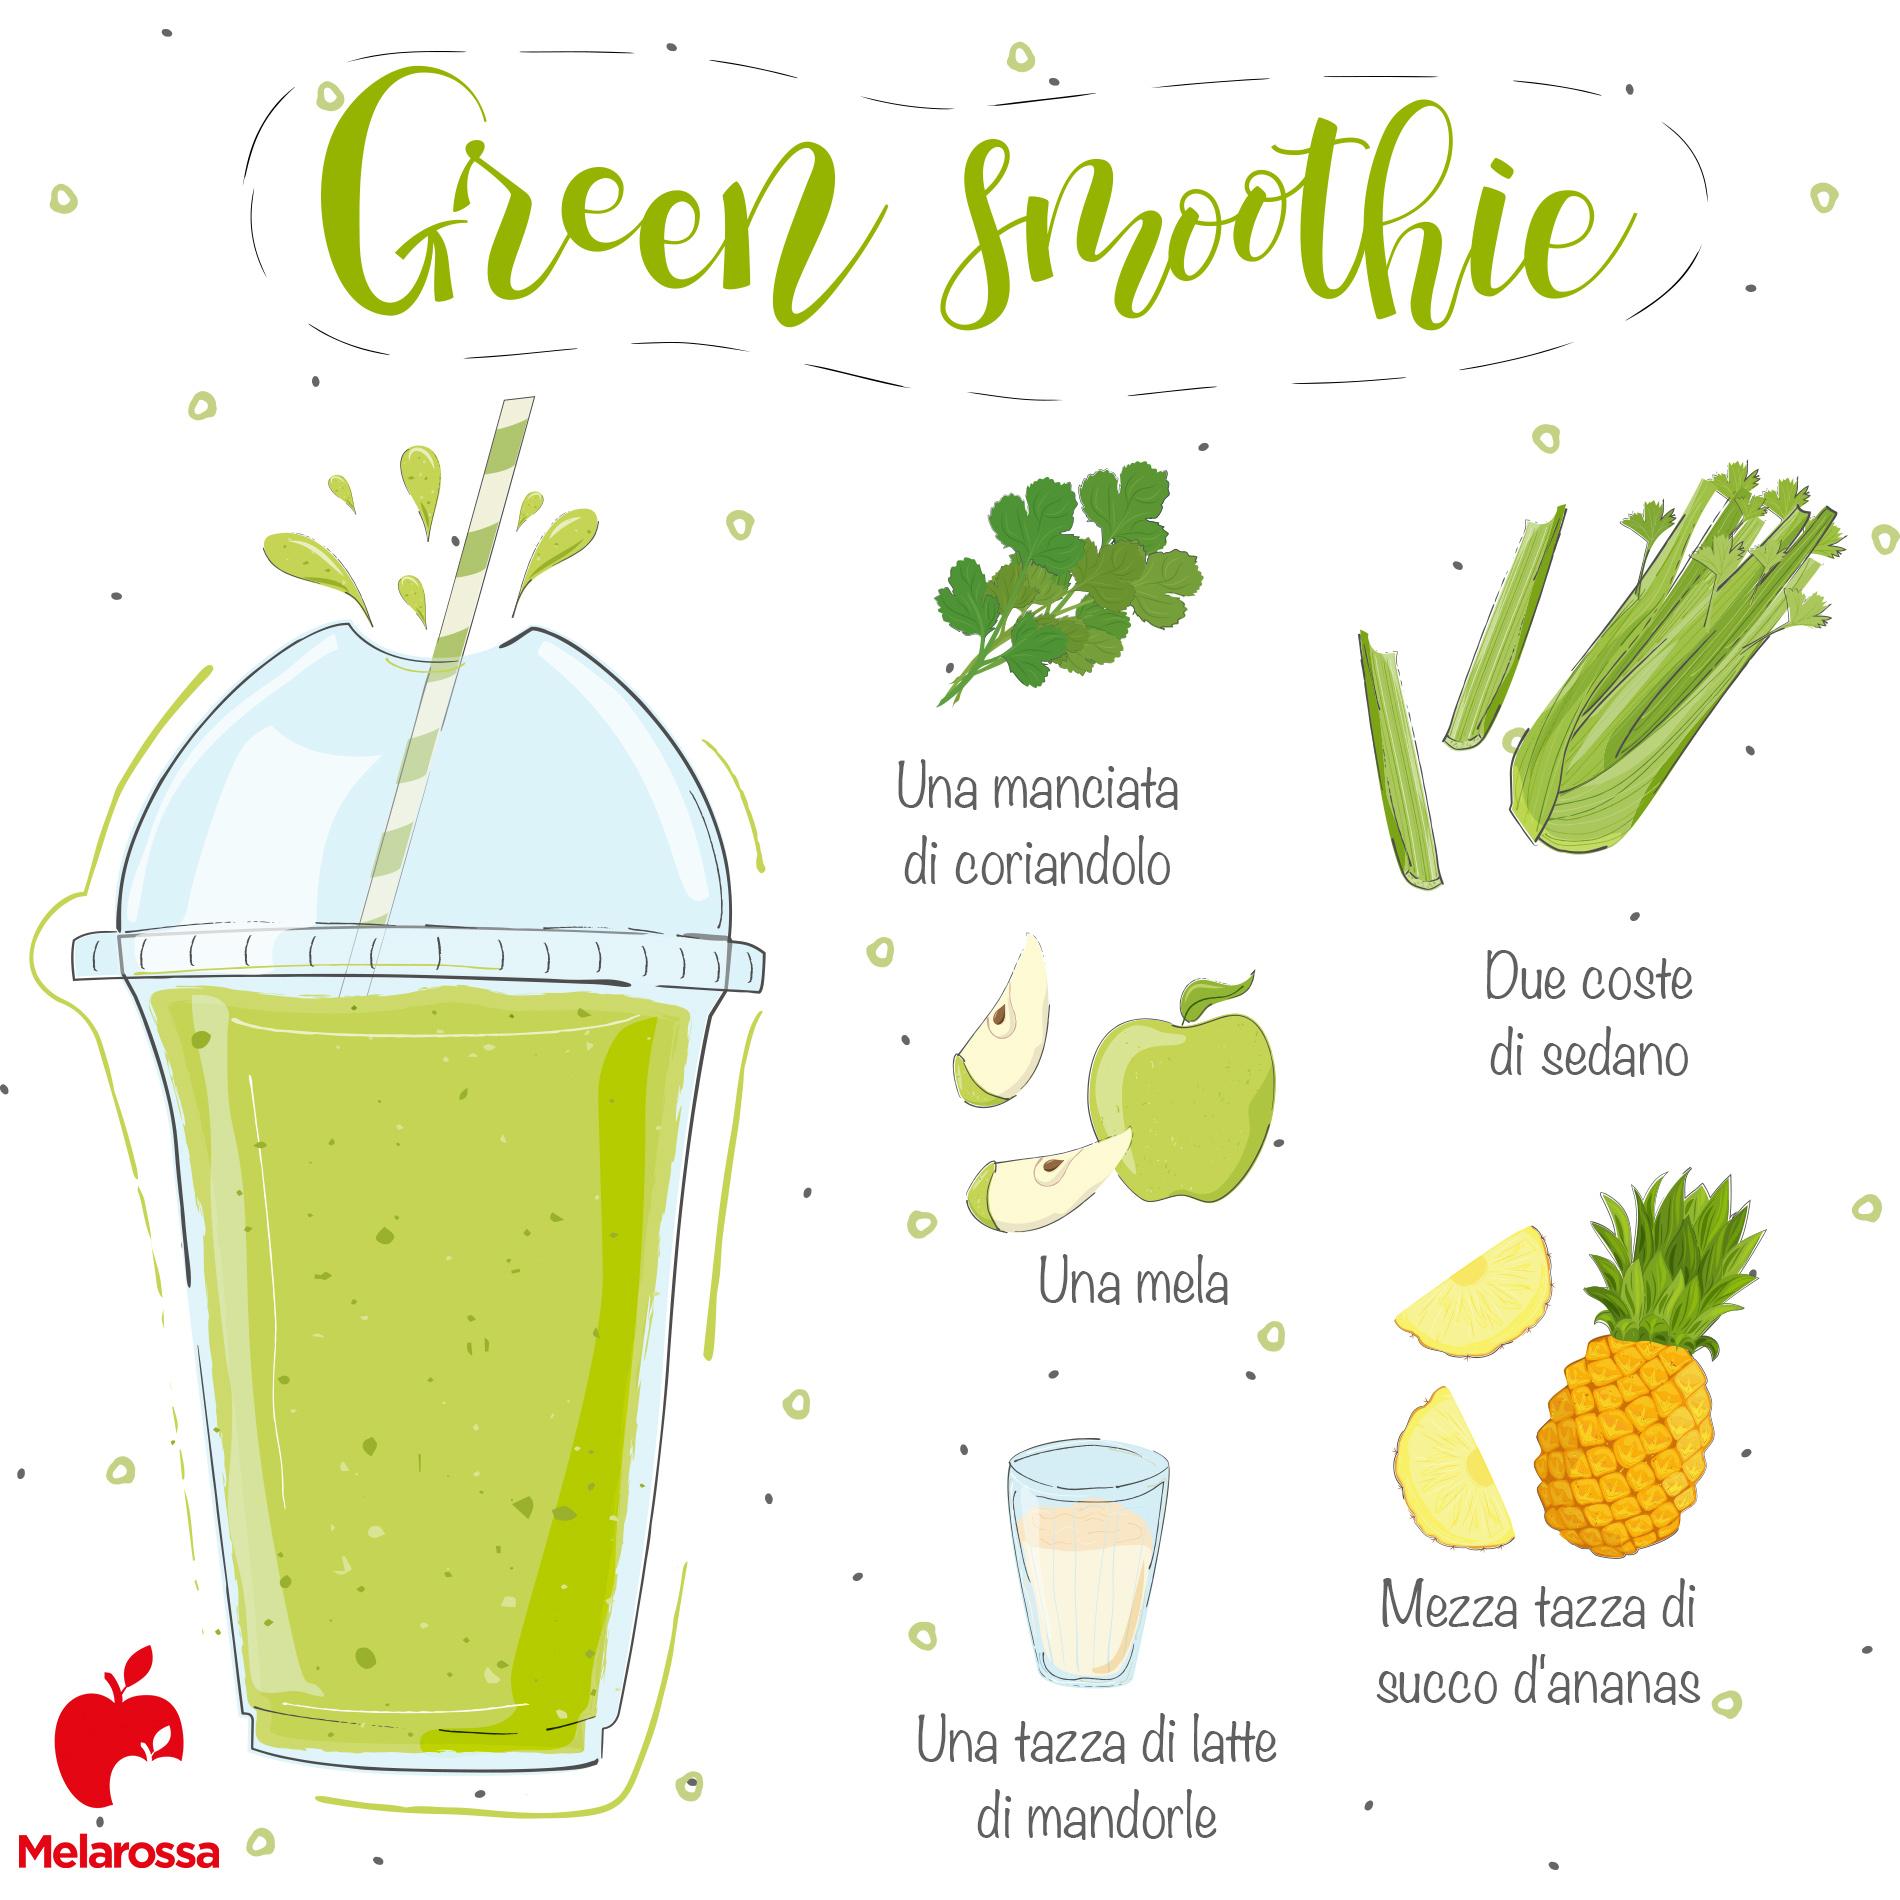 preparare uno smoothie: la ricetta del green smoothie